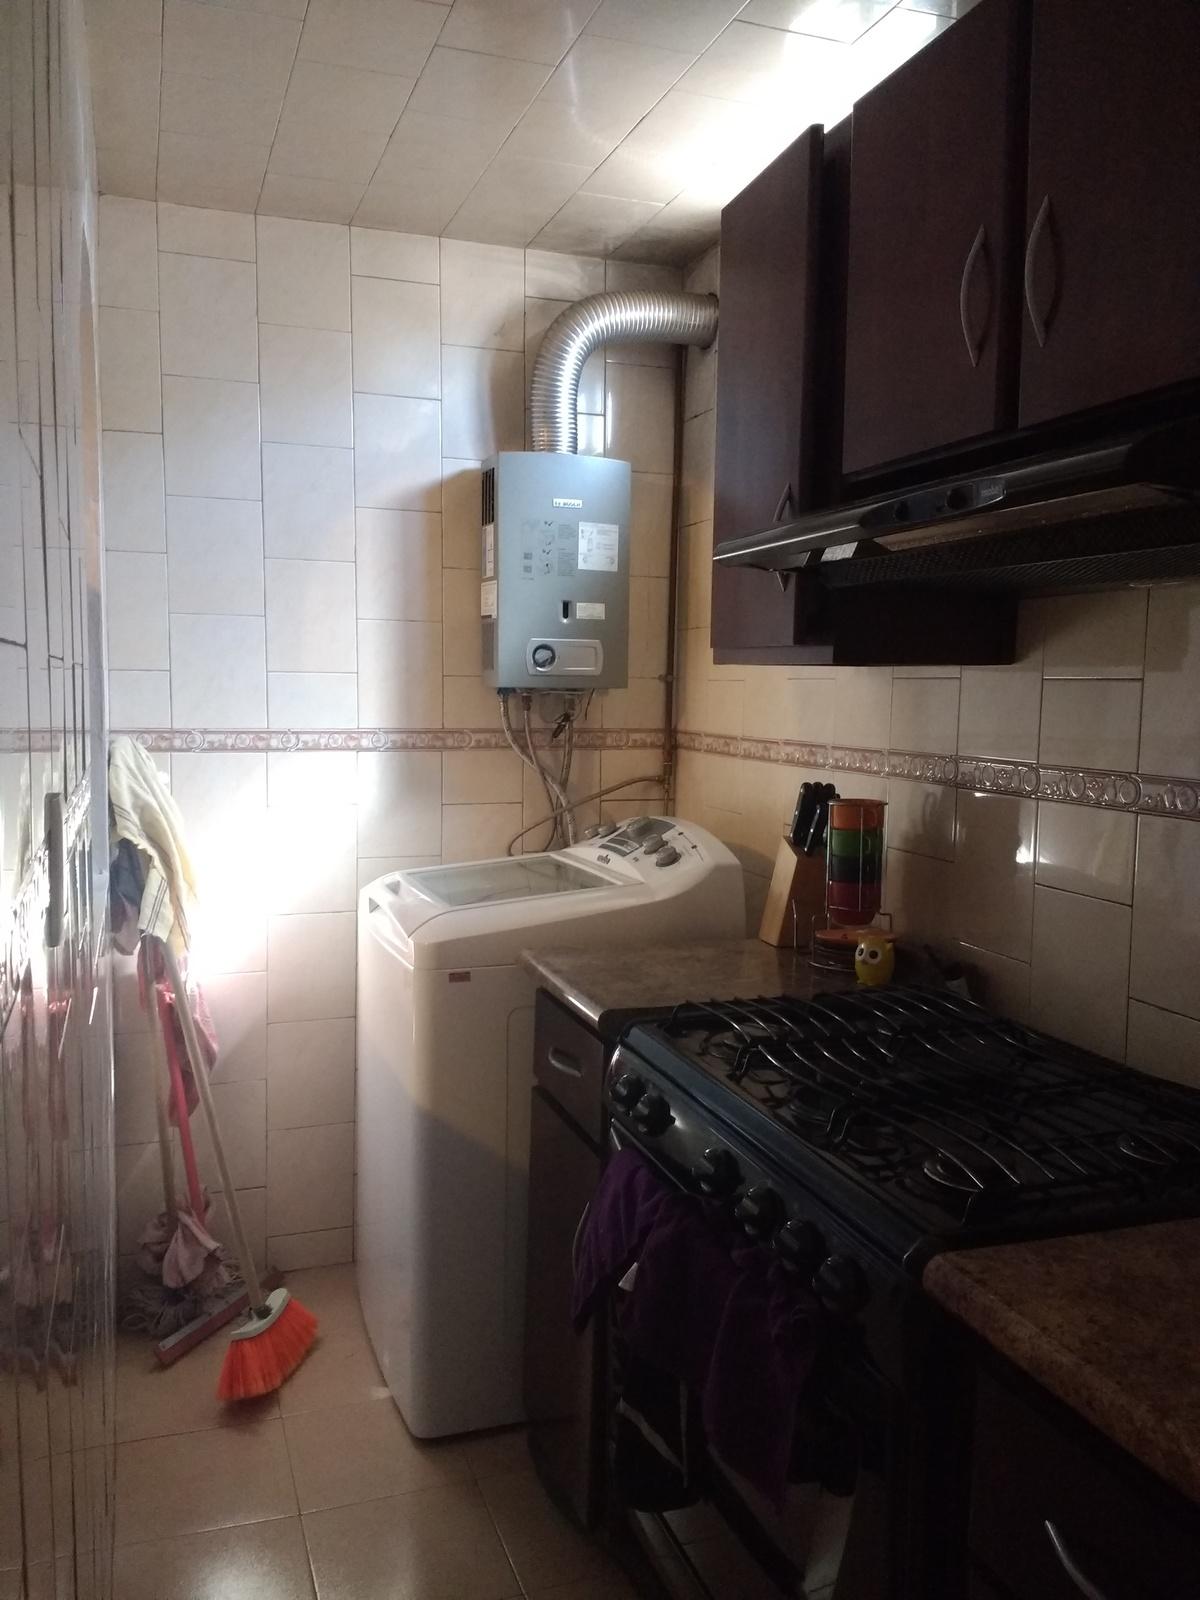 5 de 12: Ampliación para cocina.  con azulejo de primera. Calentador